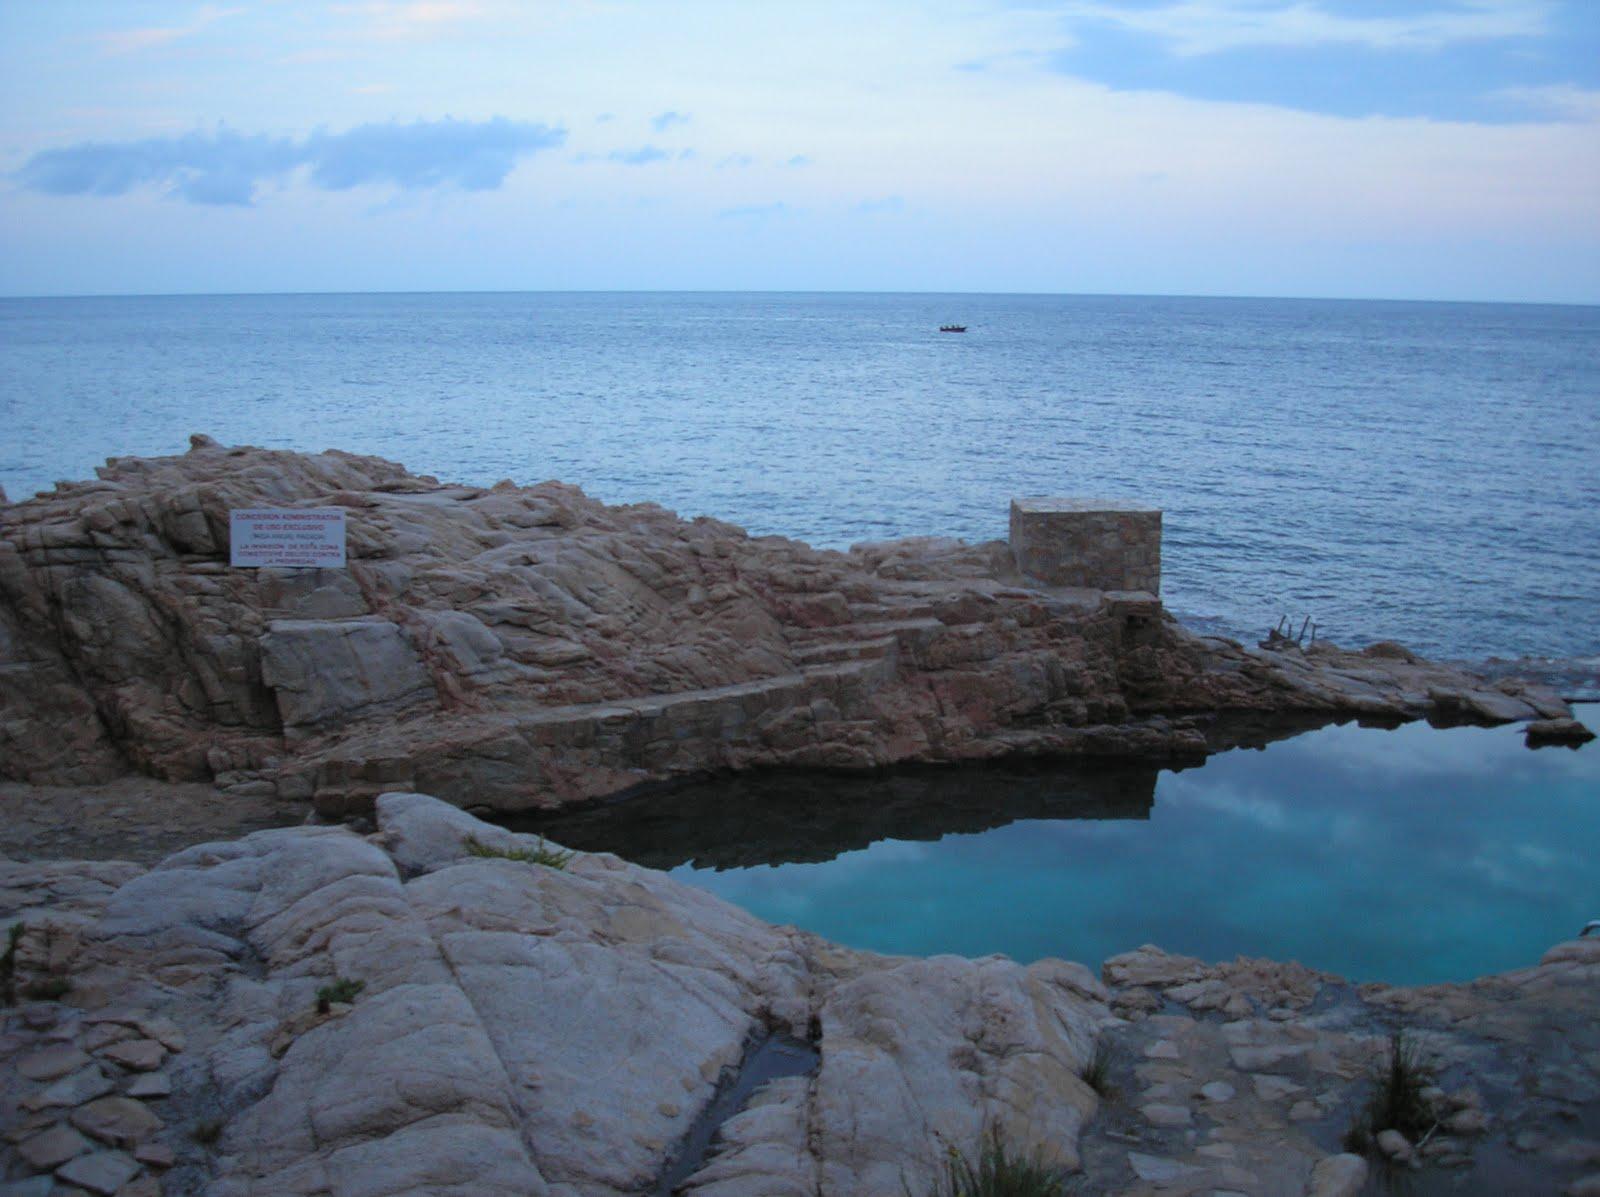 La piscina de la vergonya laura guerrero folch for Piscina natural begur